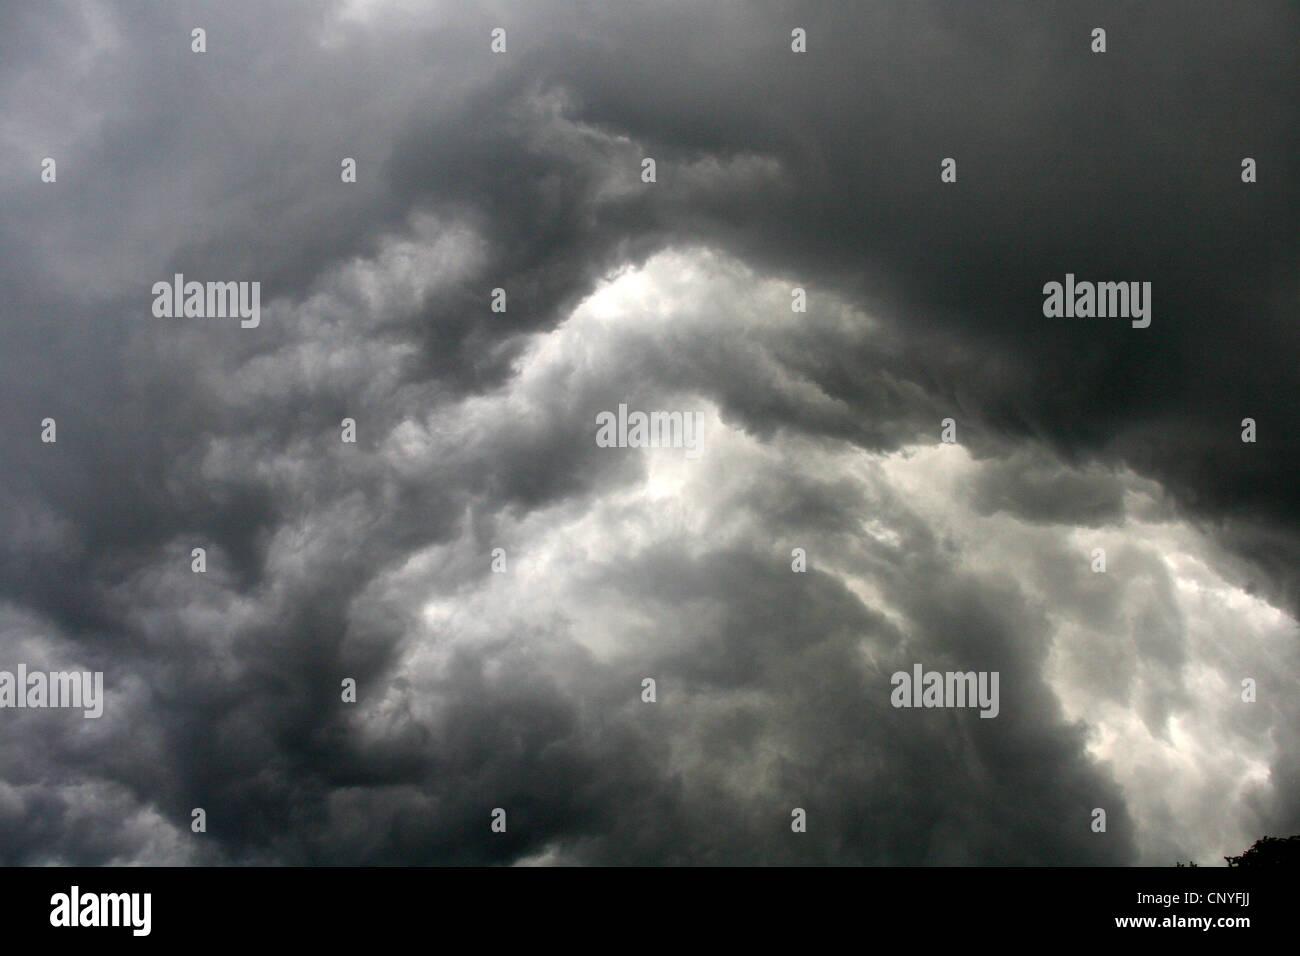 turbulence of thundercloud (Cumulonimbus capillatus incus), Germany, North Rhine-Westphalia - Stock Image